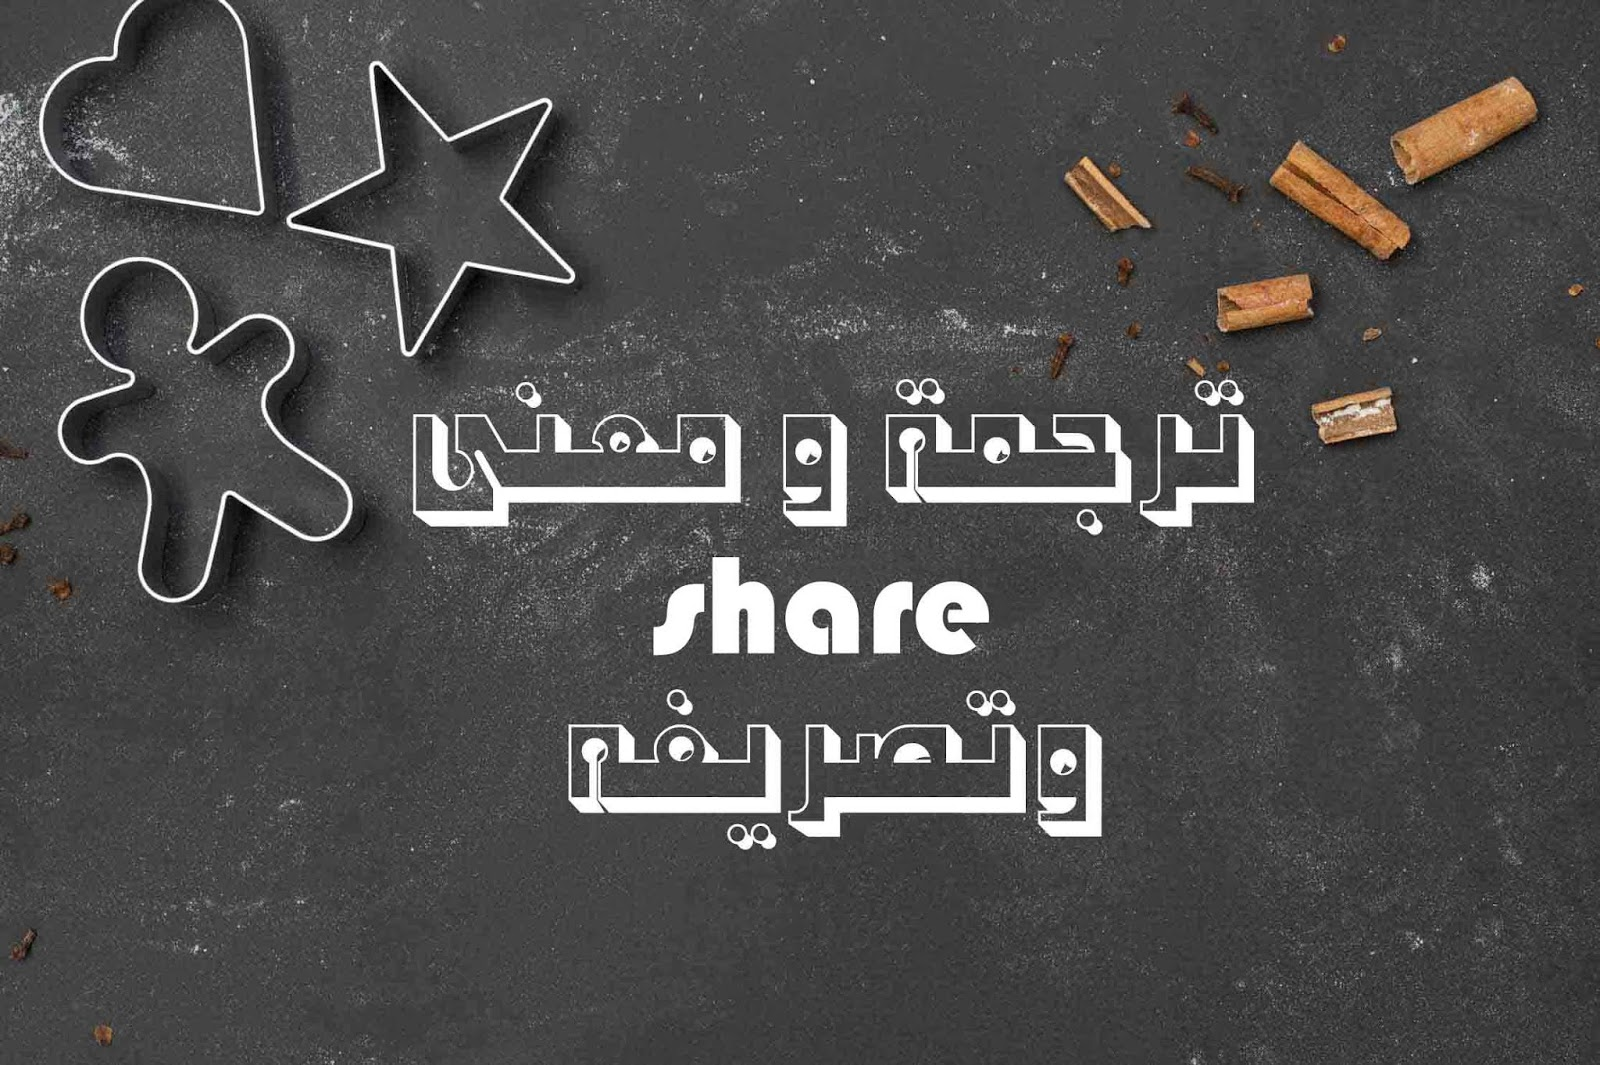 بحجم مخطط البلديات ترجمة كلمة من الانجليزية للعربية Dsvdedommel Com